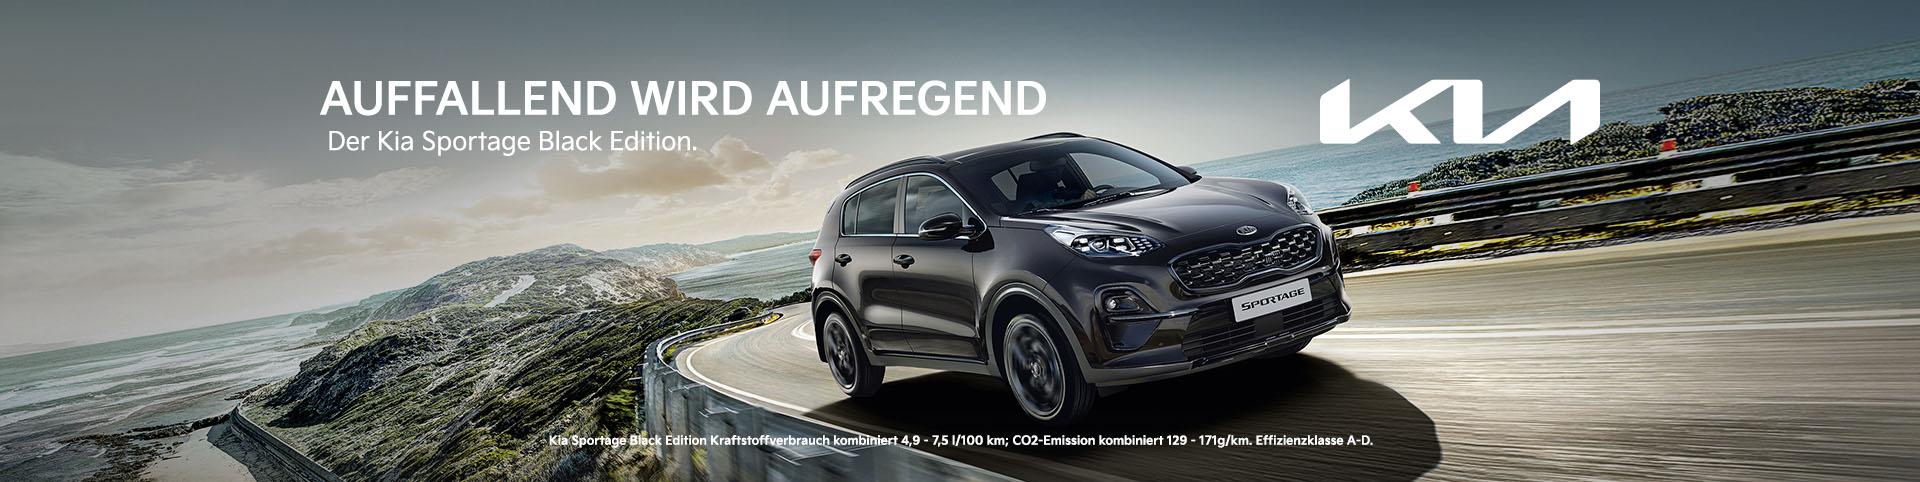 Kia Sportage Black Edition bei Preckel Automobile